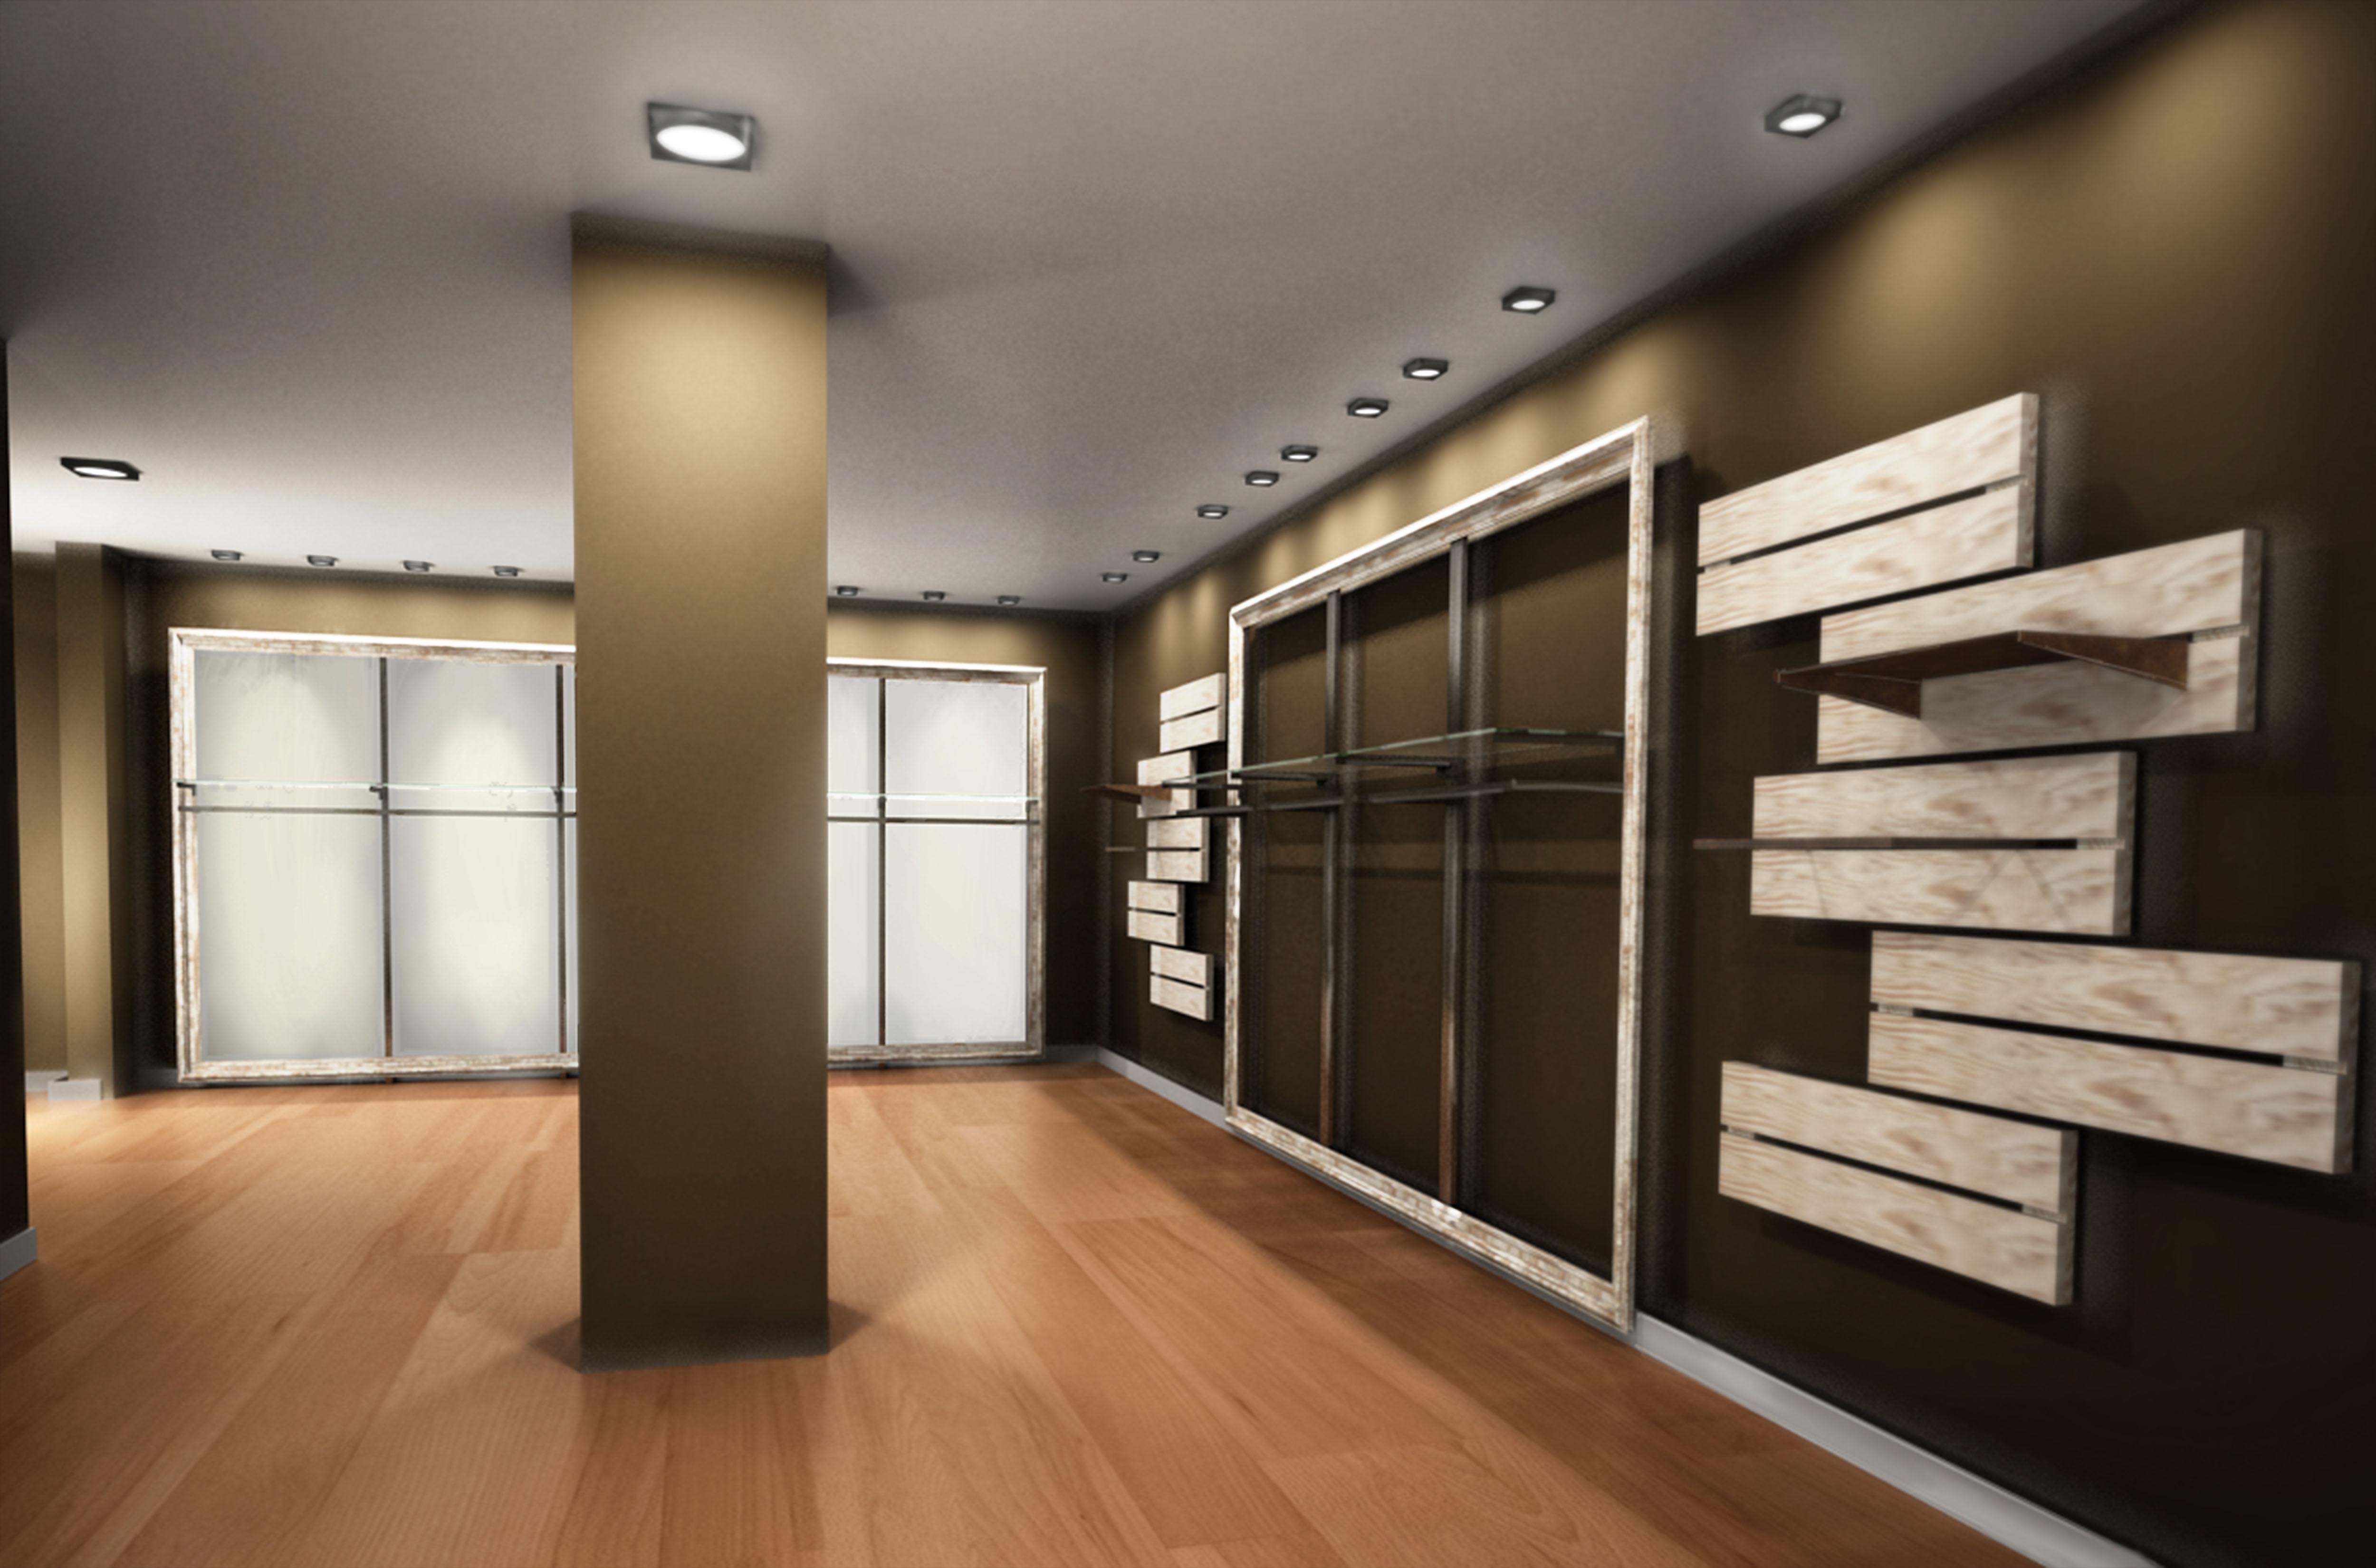 Nuovo arredamento negozio abbigliamento realizzato per for Arredamento per negozi abbigliamento